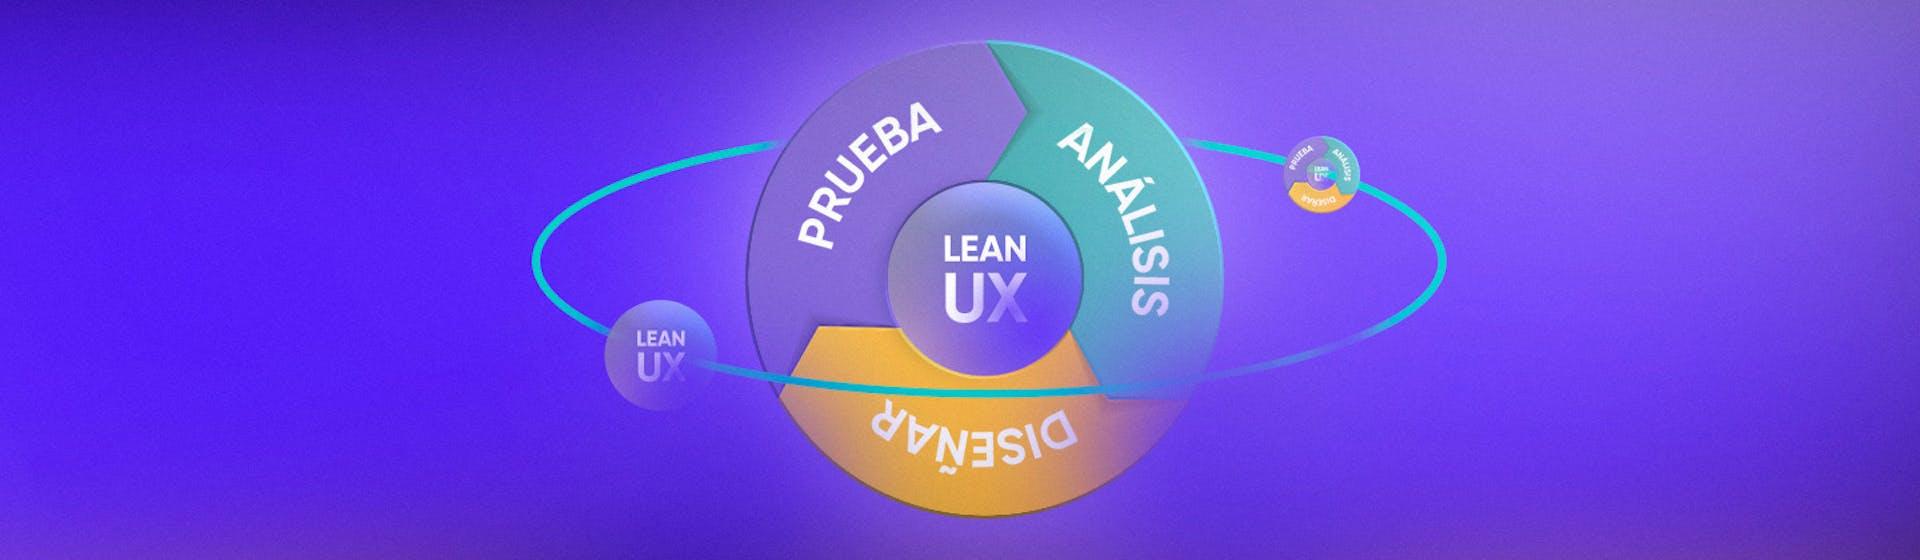 Lean UX: ¿cómo diseñar productos exitosos sin perder el tiempo?